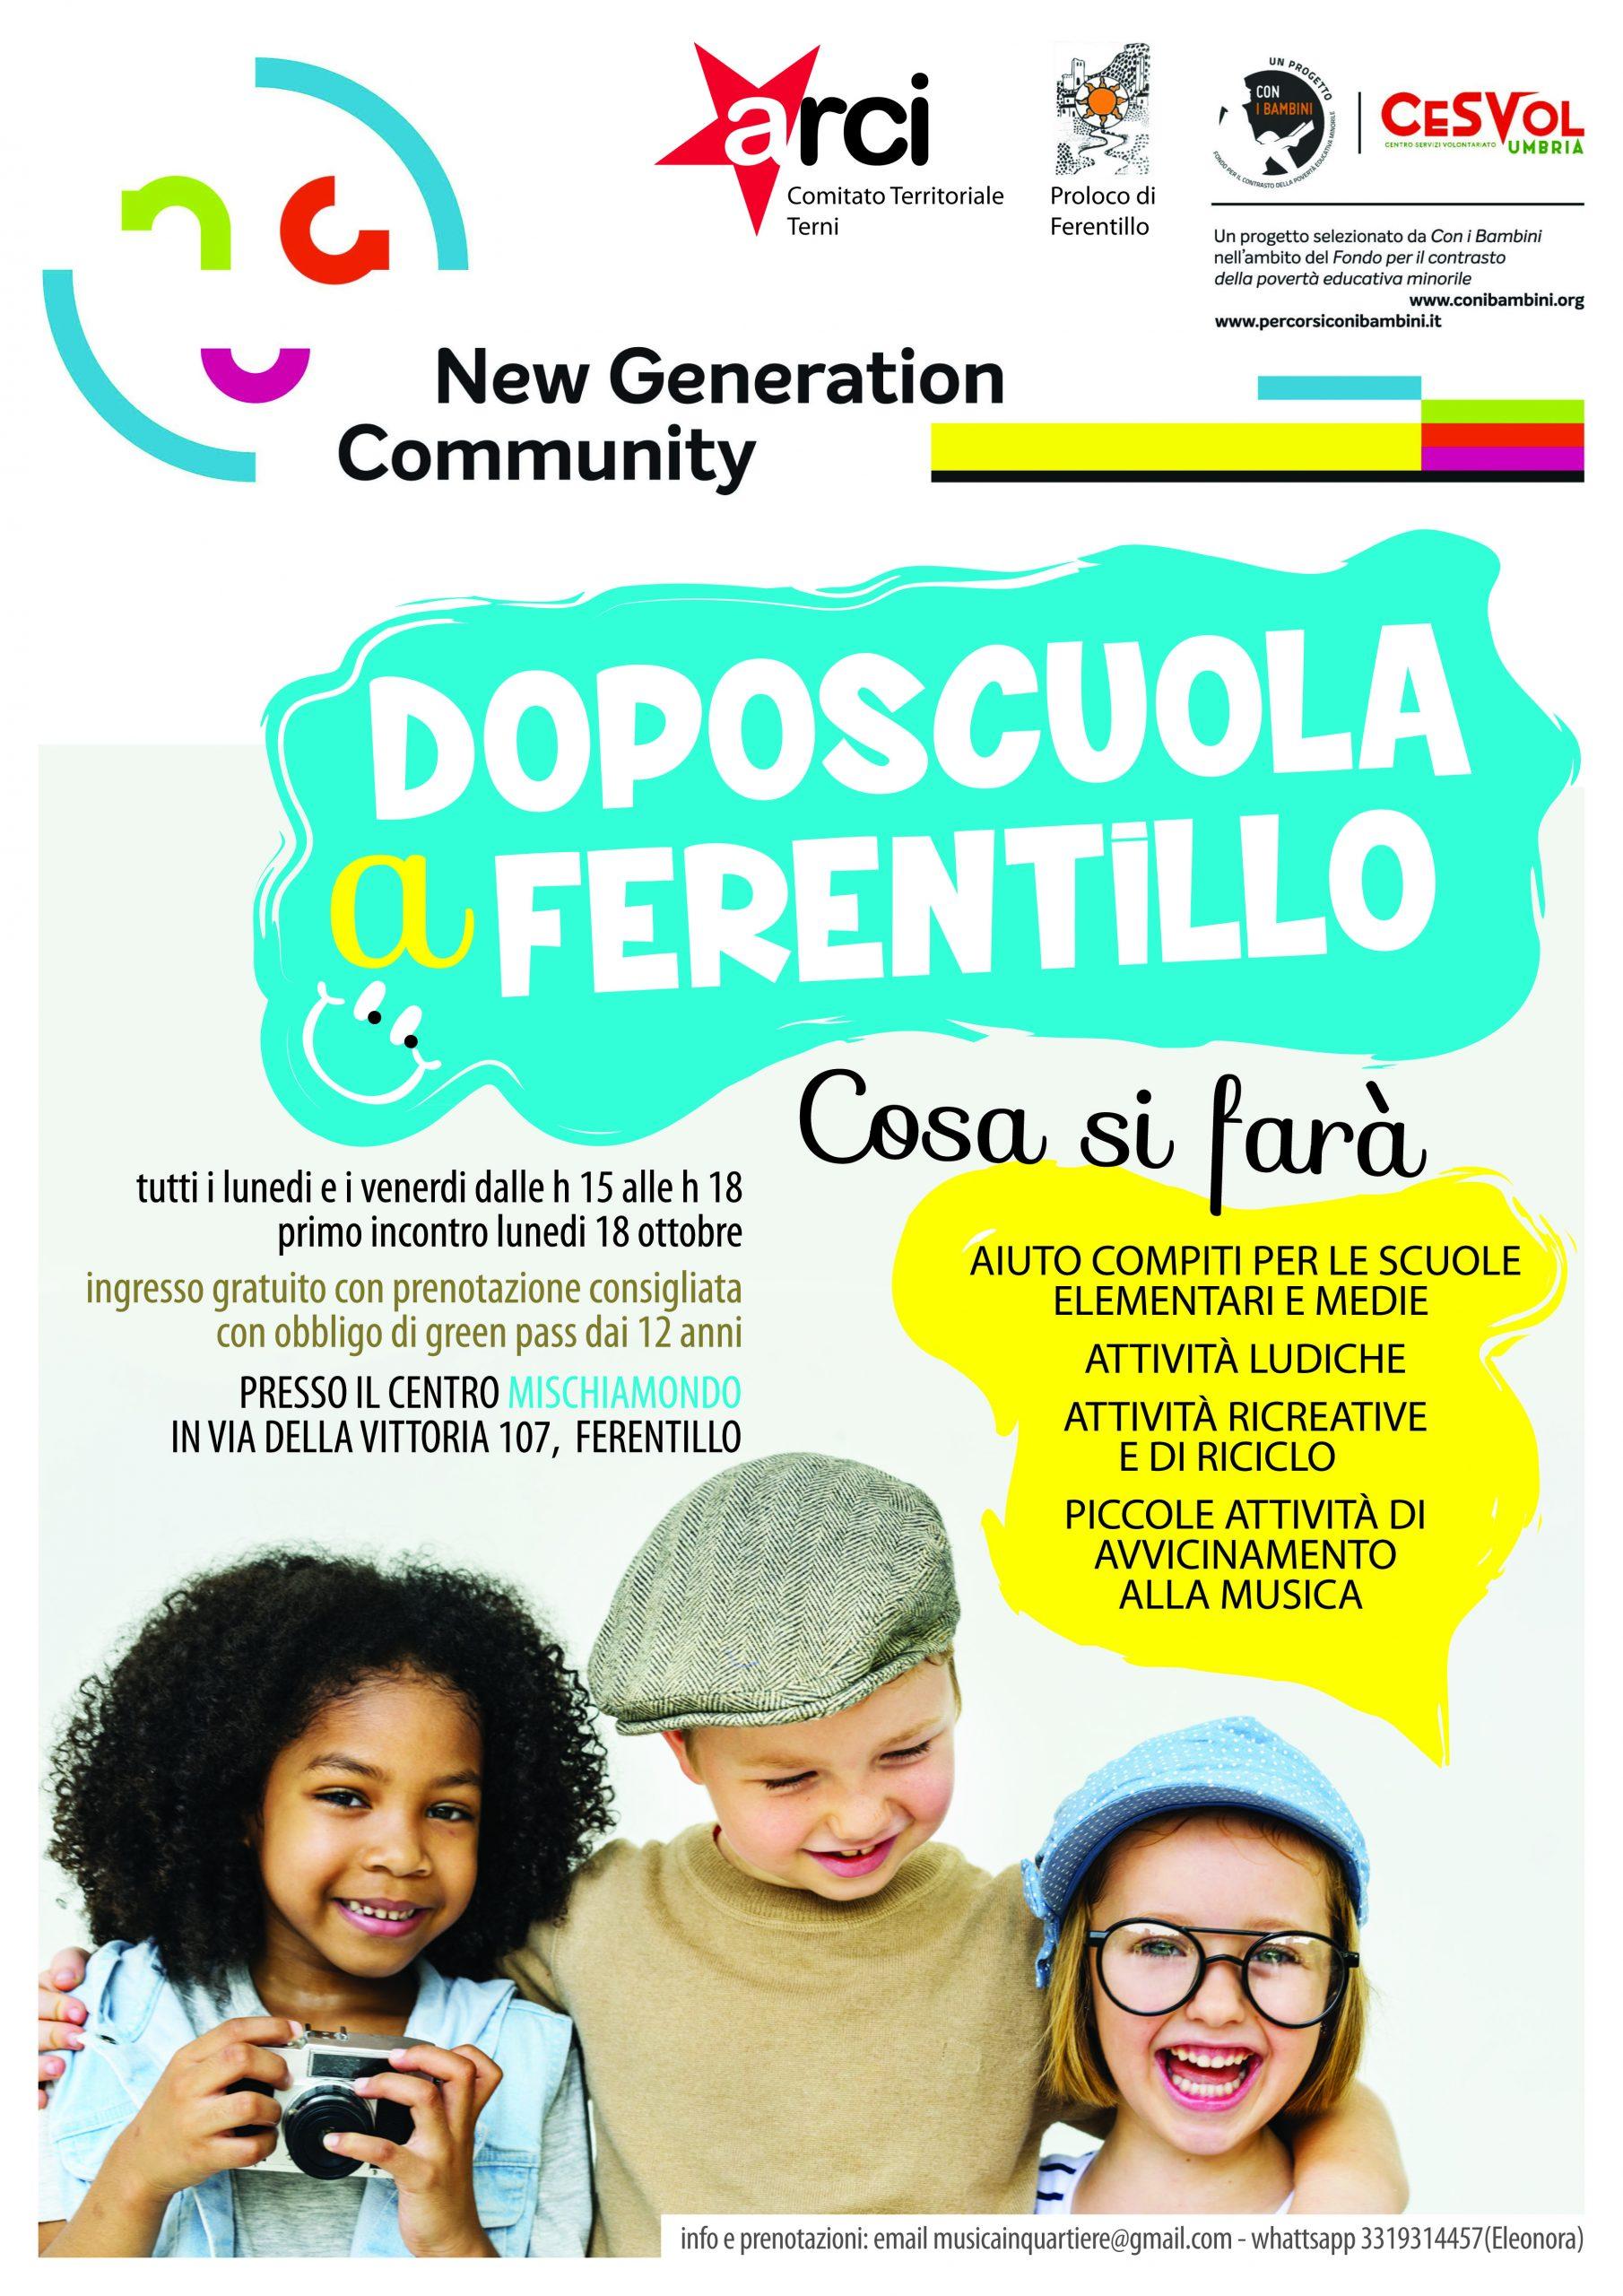 """""""Doposcuola a Ferentillo"""": Via ai laboratori gratuiti dell'Arci per contrastare la povertà educativa dei minori"""